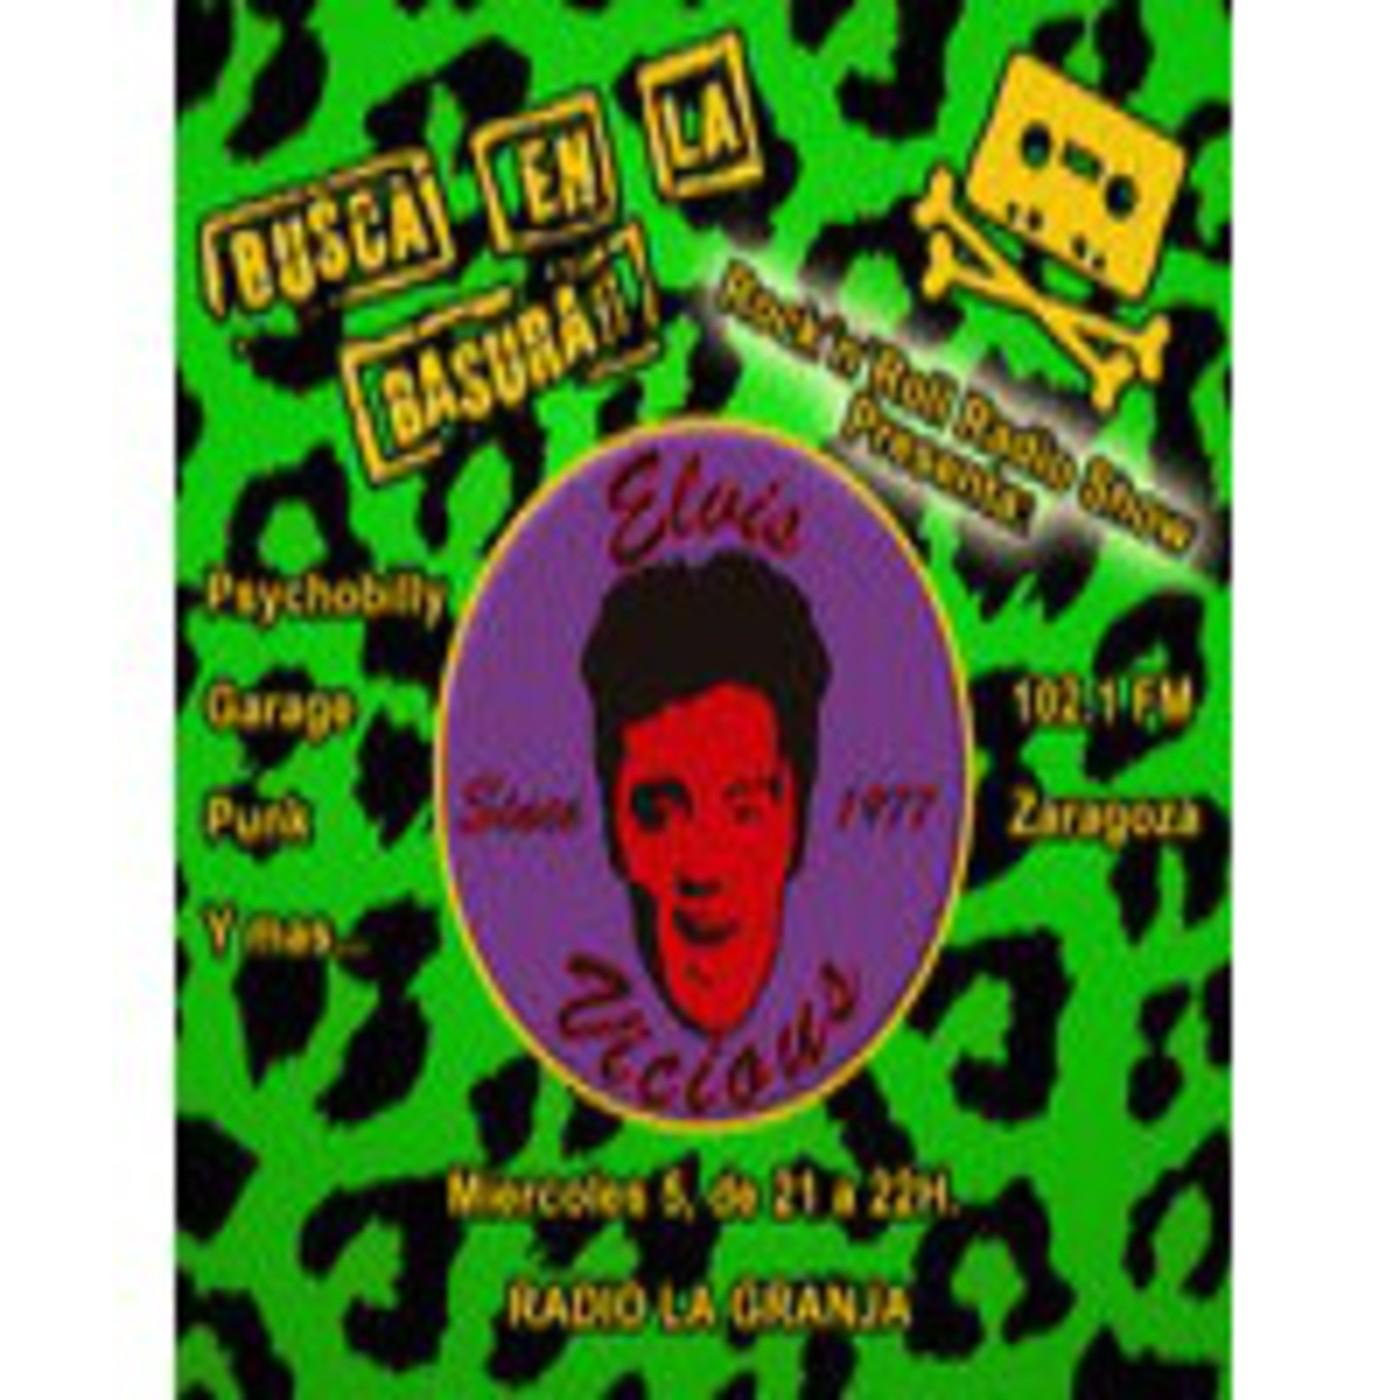 BUSCA EN LA BASURA!! # nº5,5-12-2012 ,Especial dj. ELVISVICIOUS